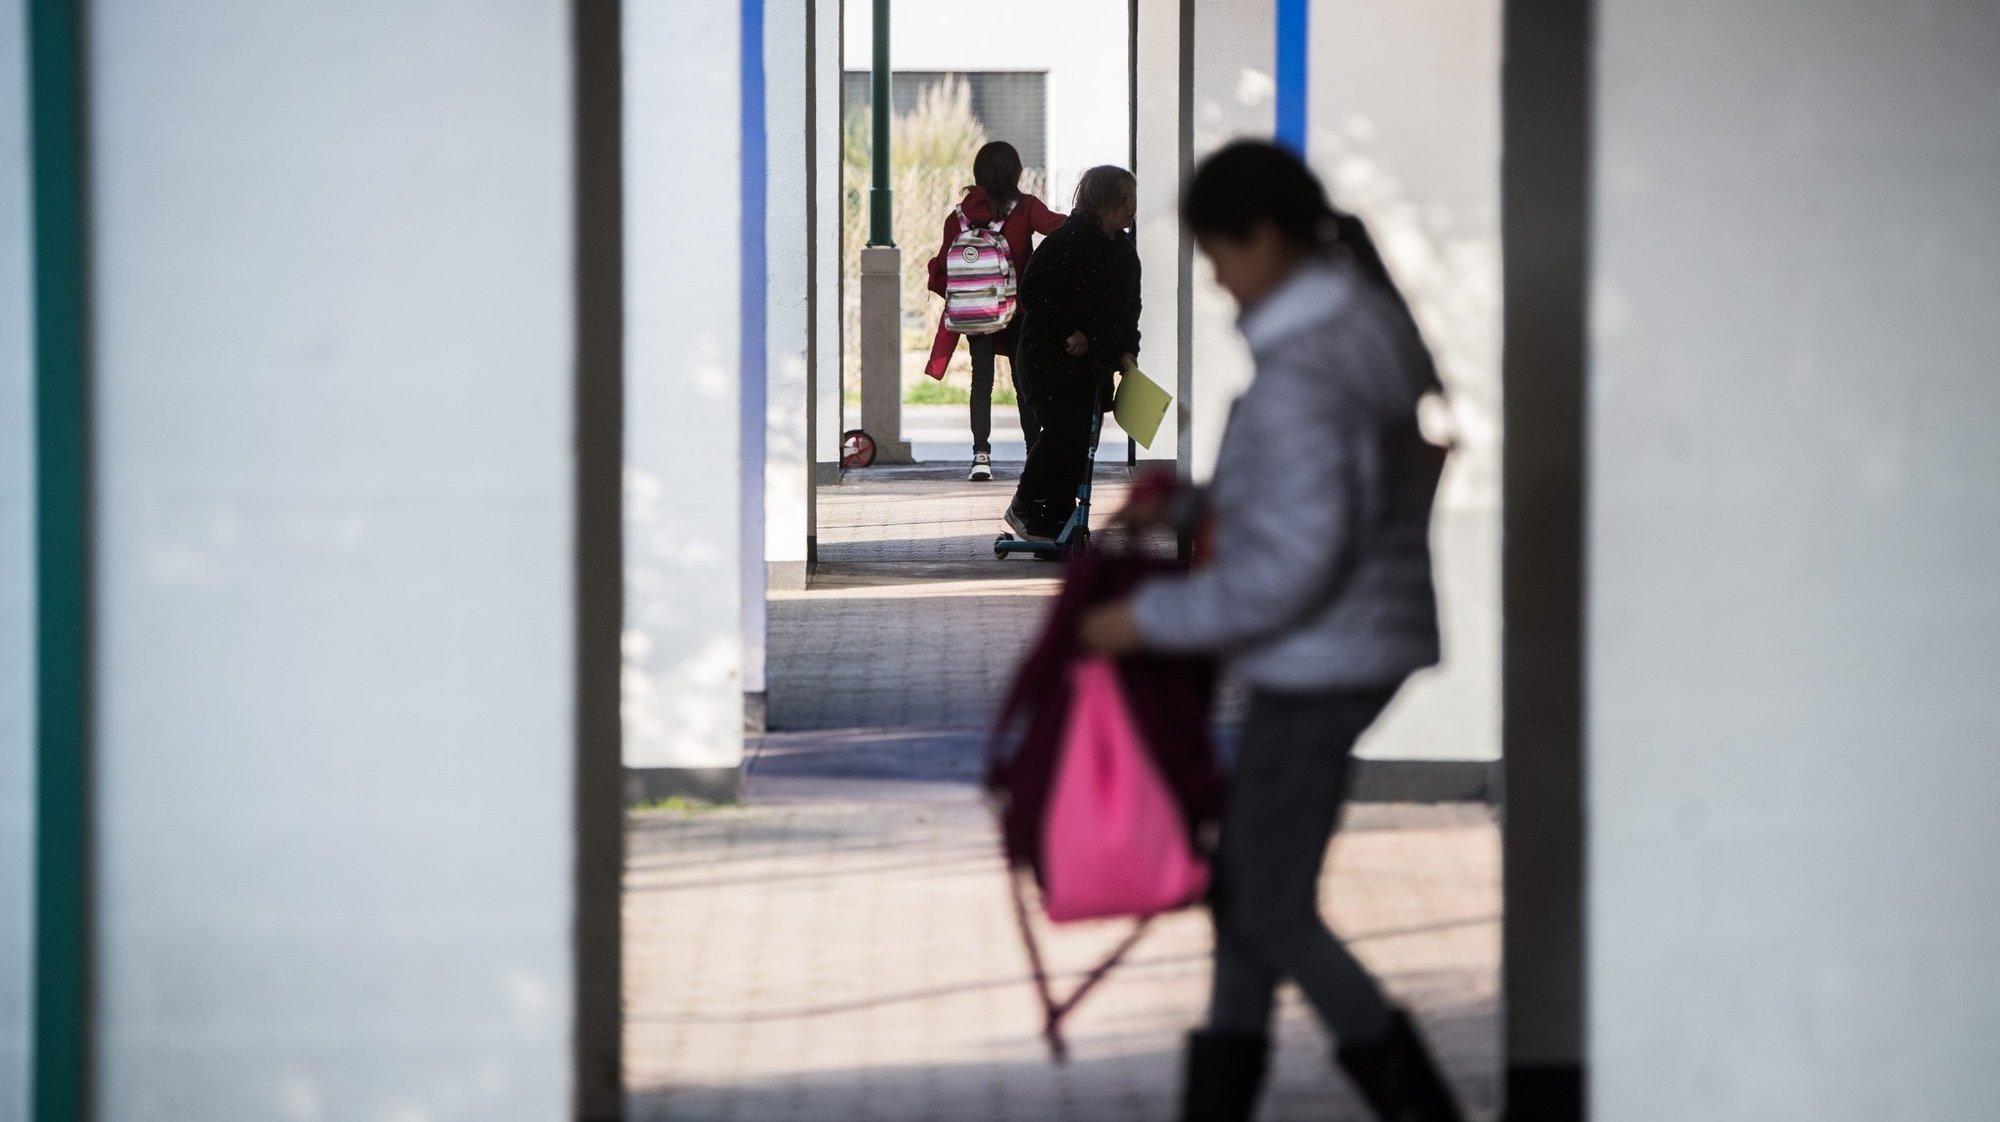 Fin du masque dans les écoles neuchâteloises: la mesure devenait «disproportionnée»